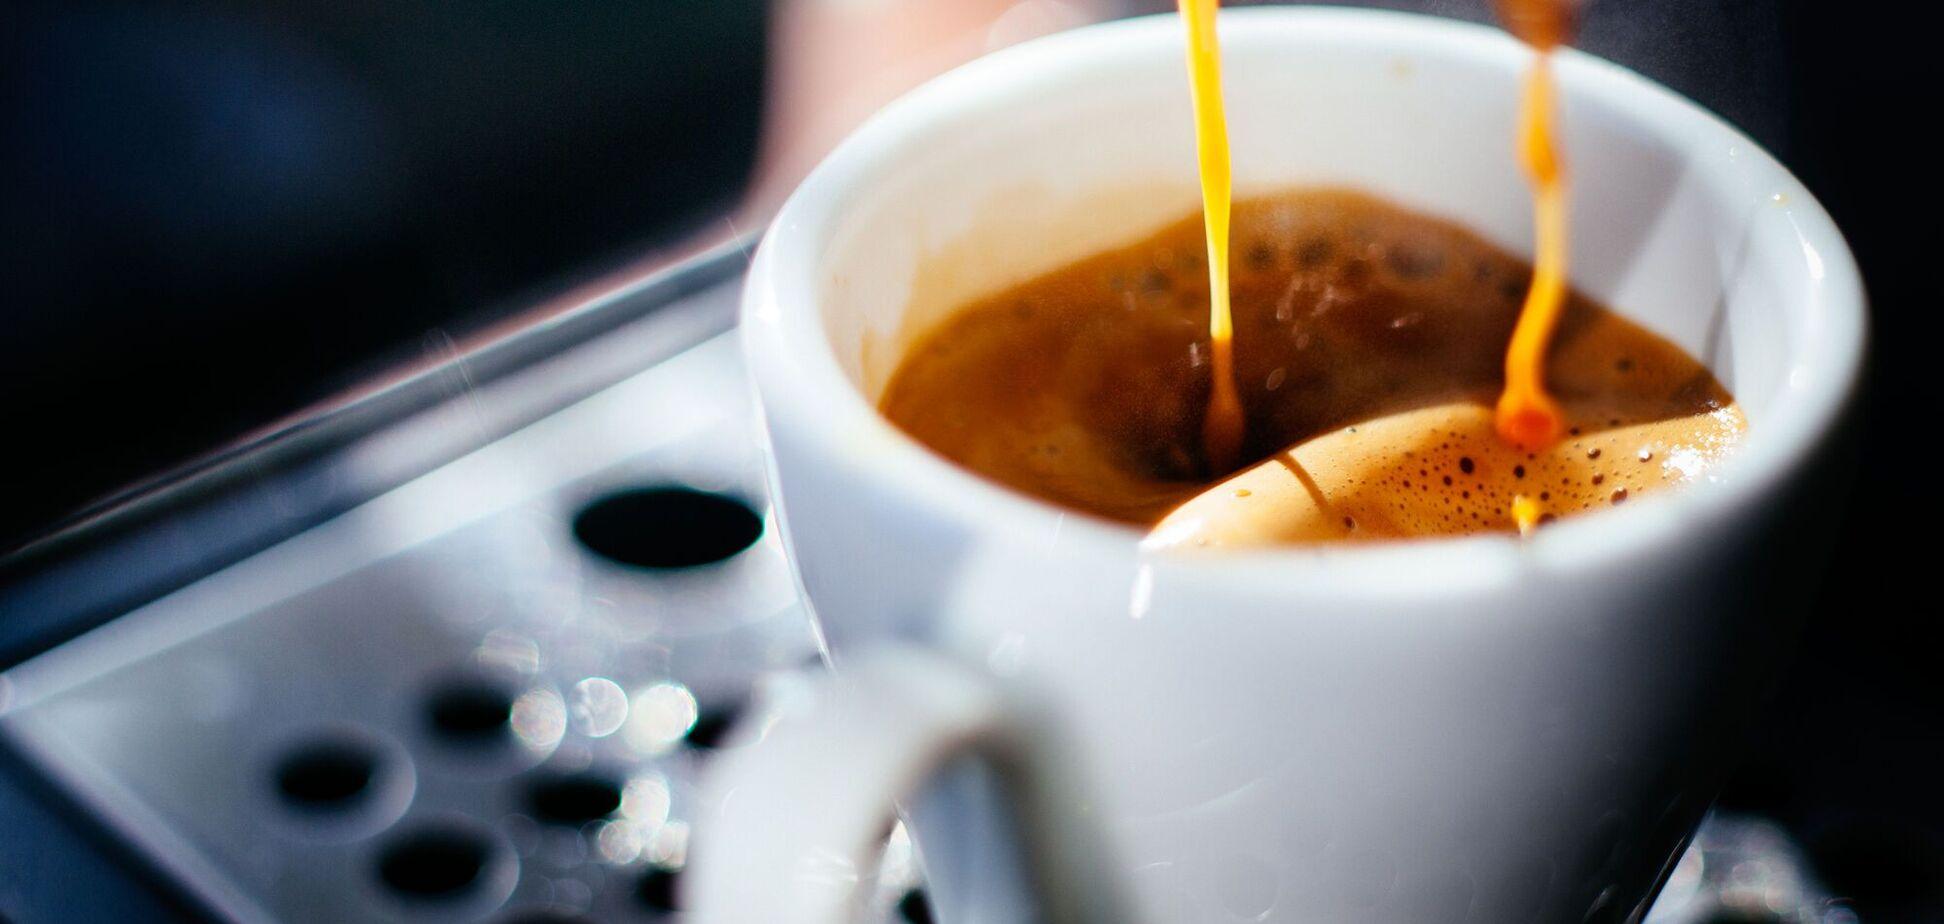 Експерти попередили про небезпеку кави перед сніданком